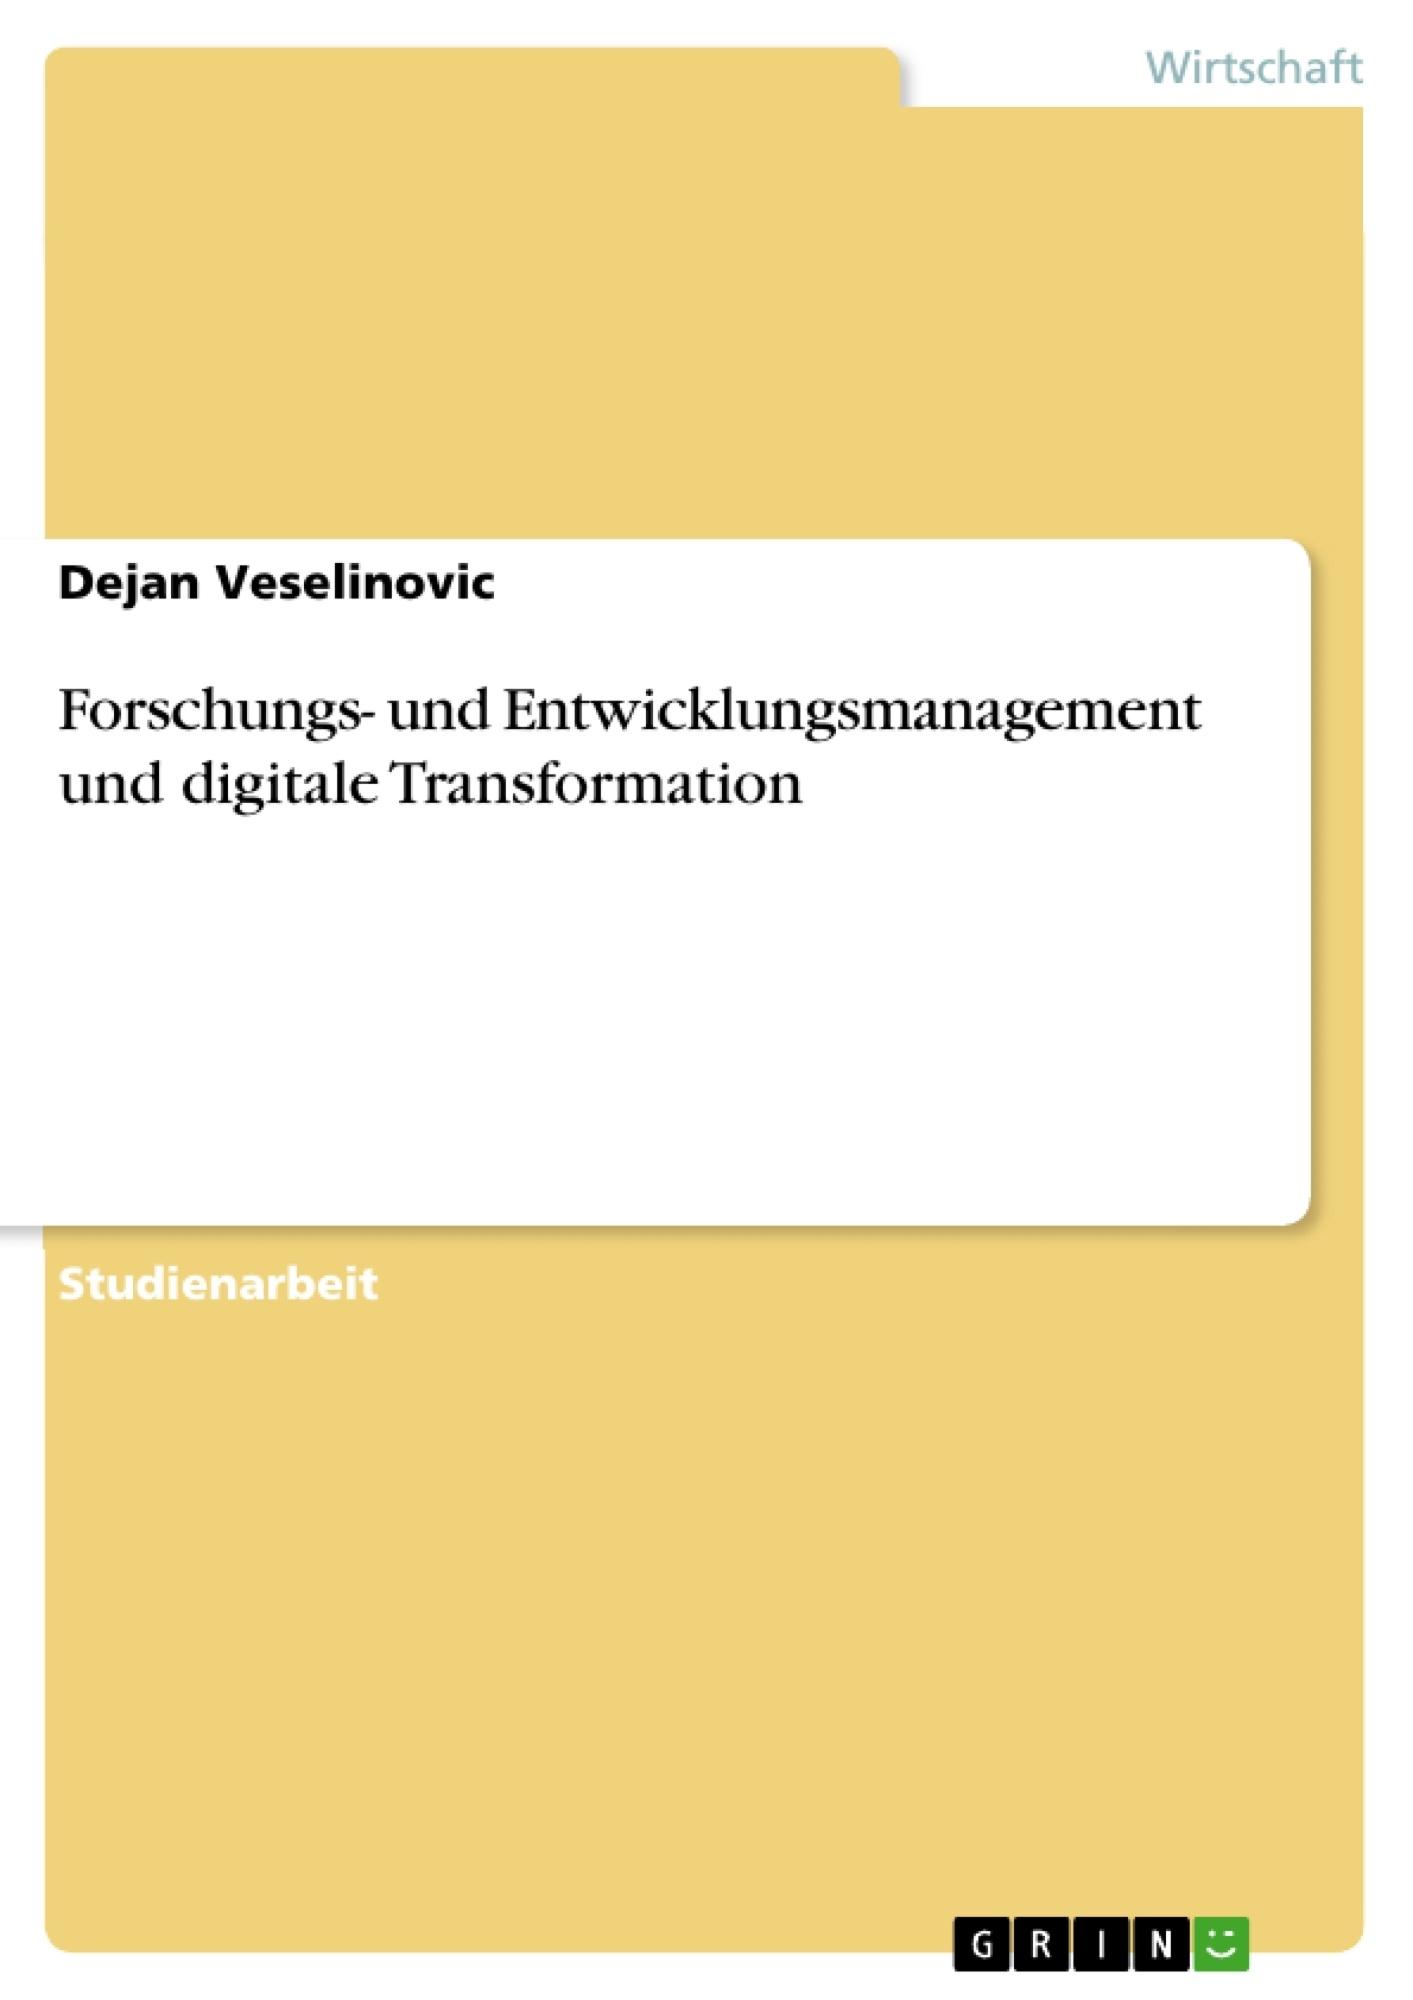 Titel: Forschungs- und Entwicklungsmanagement und digitale Transformation